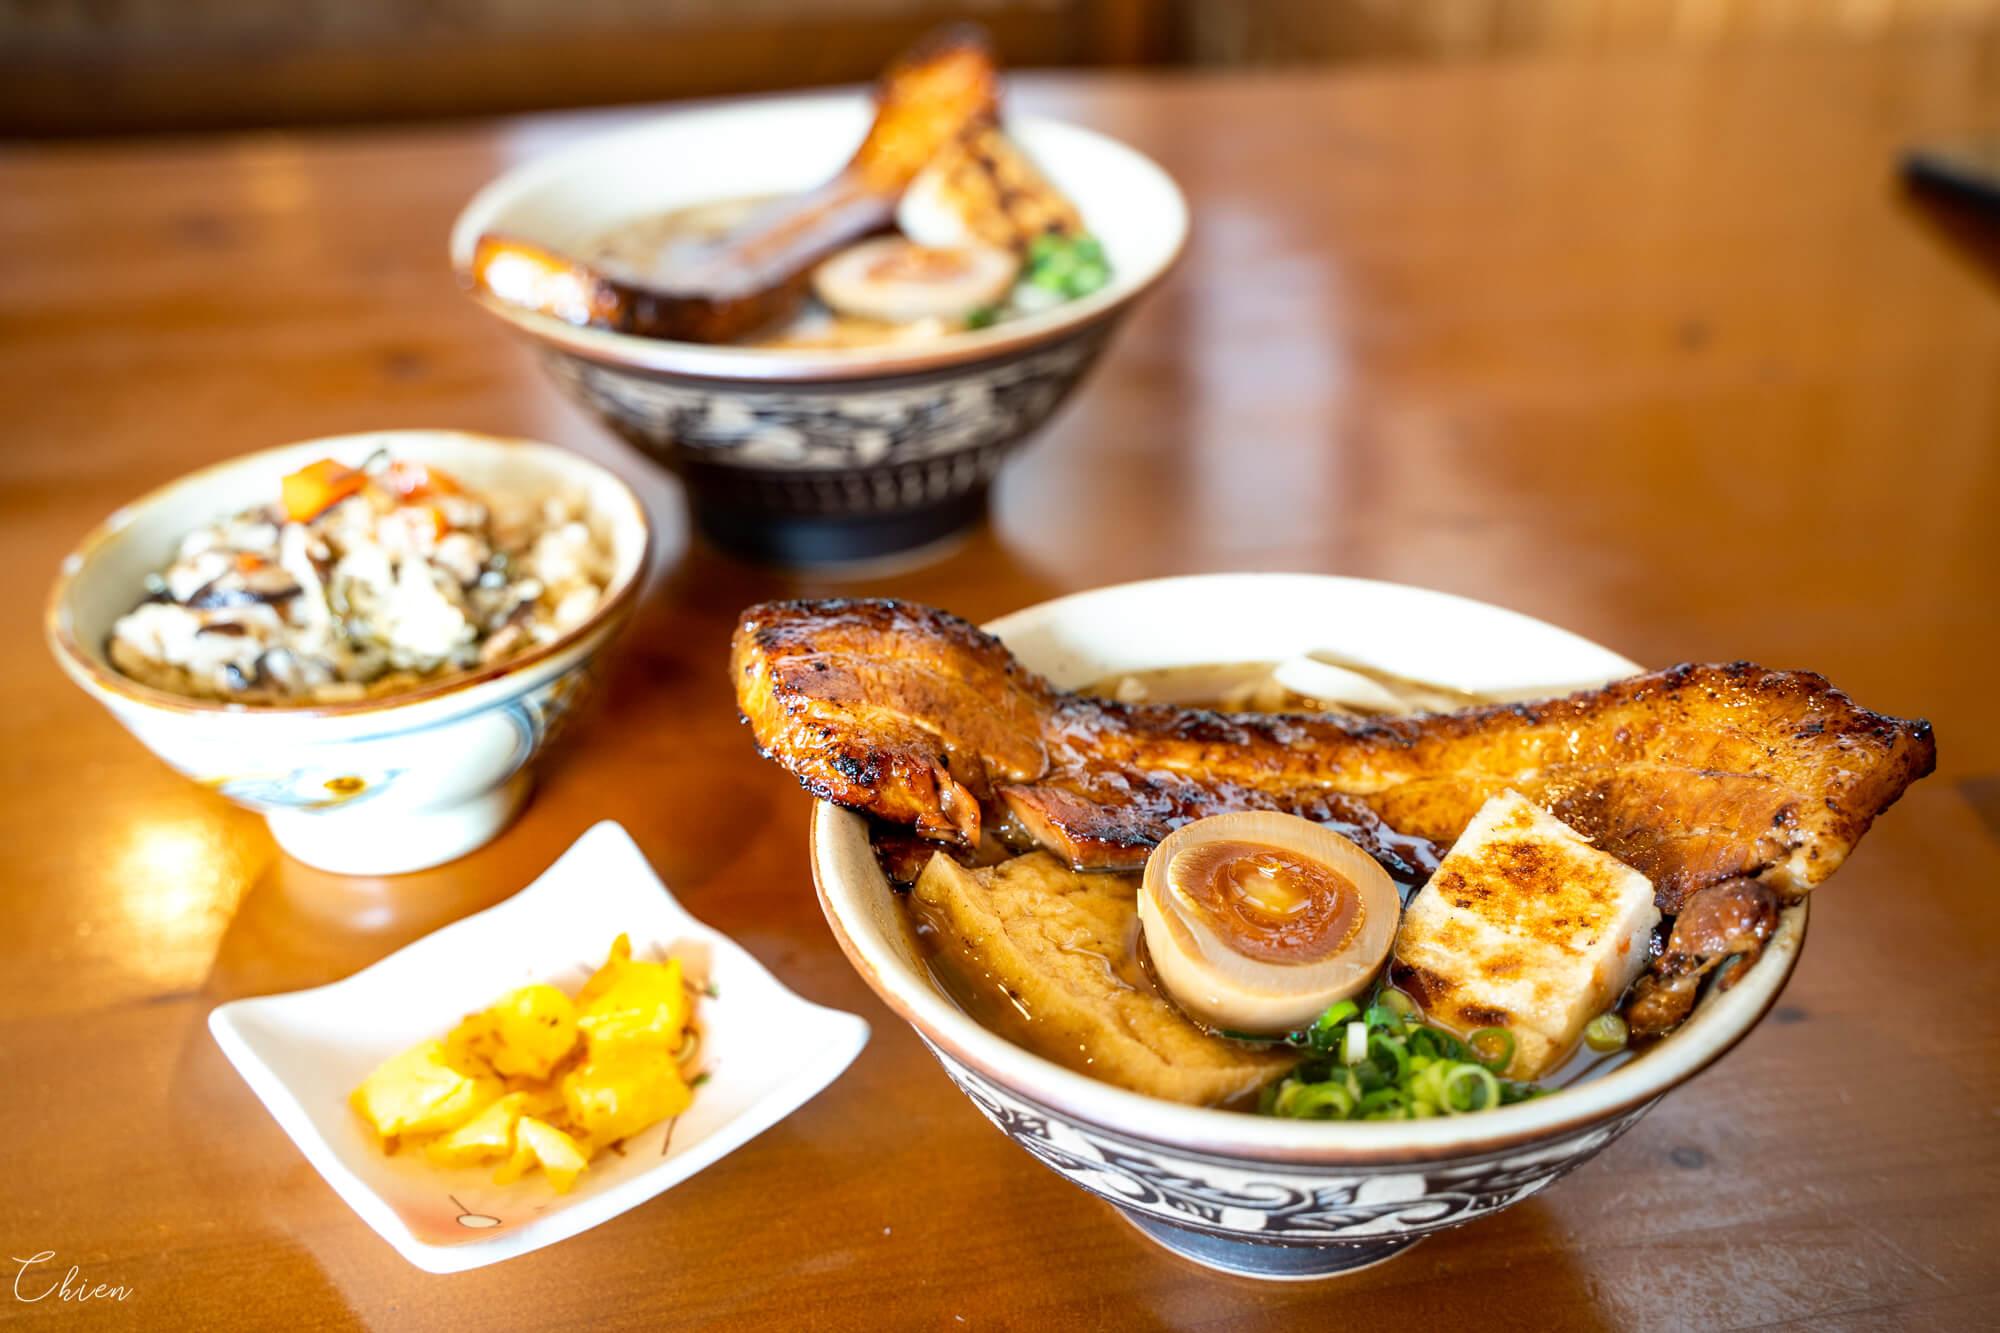 沖繩北部「島豚家」配料豐富的炙燒豬肉沖繩麵、沖繩炊飯